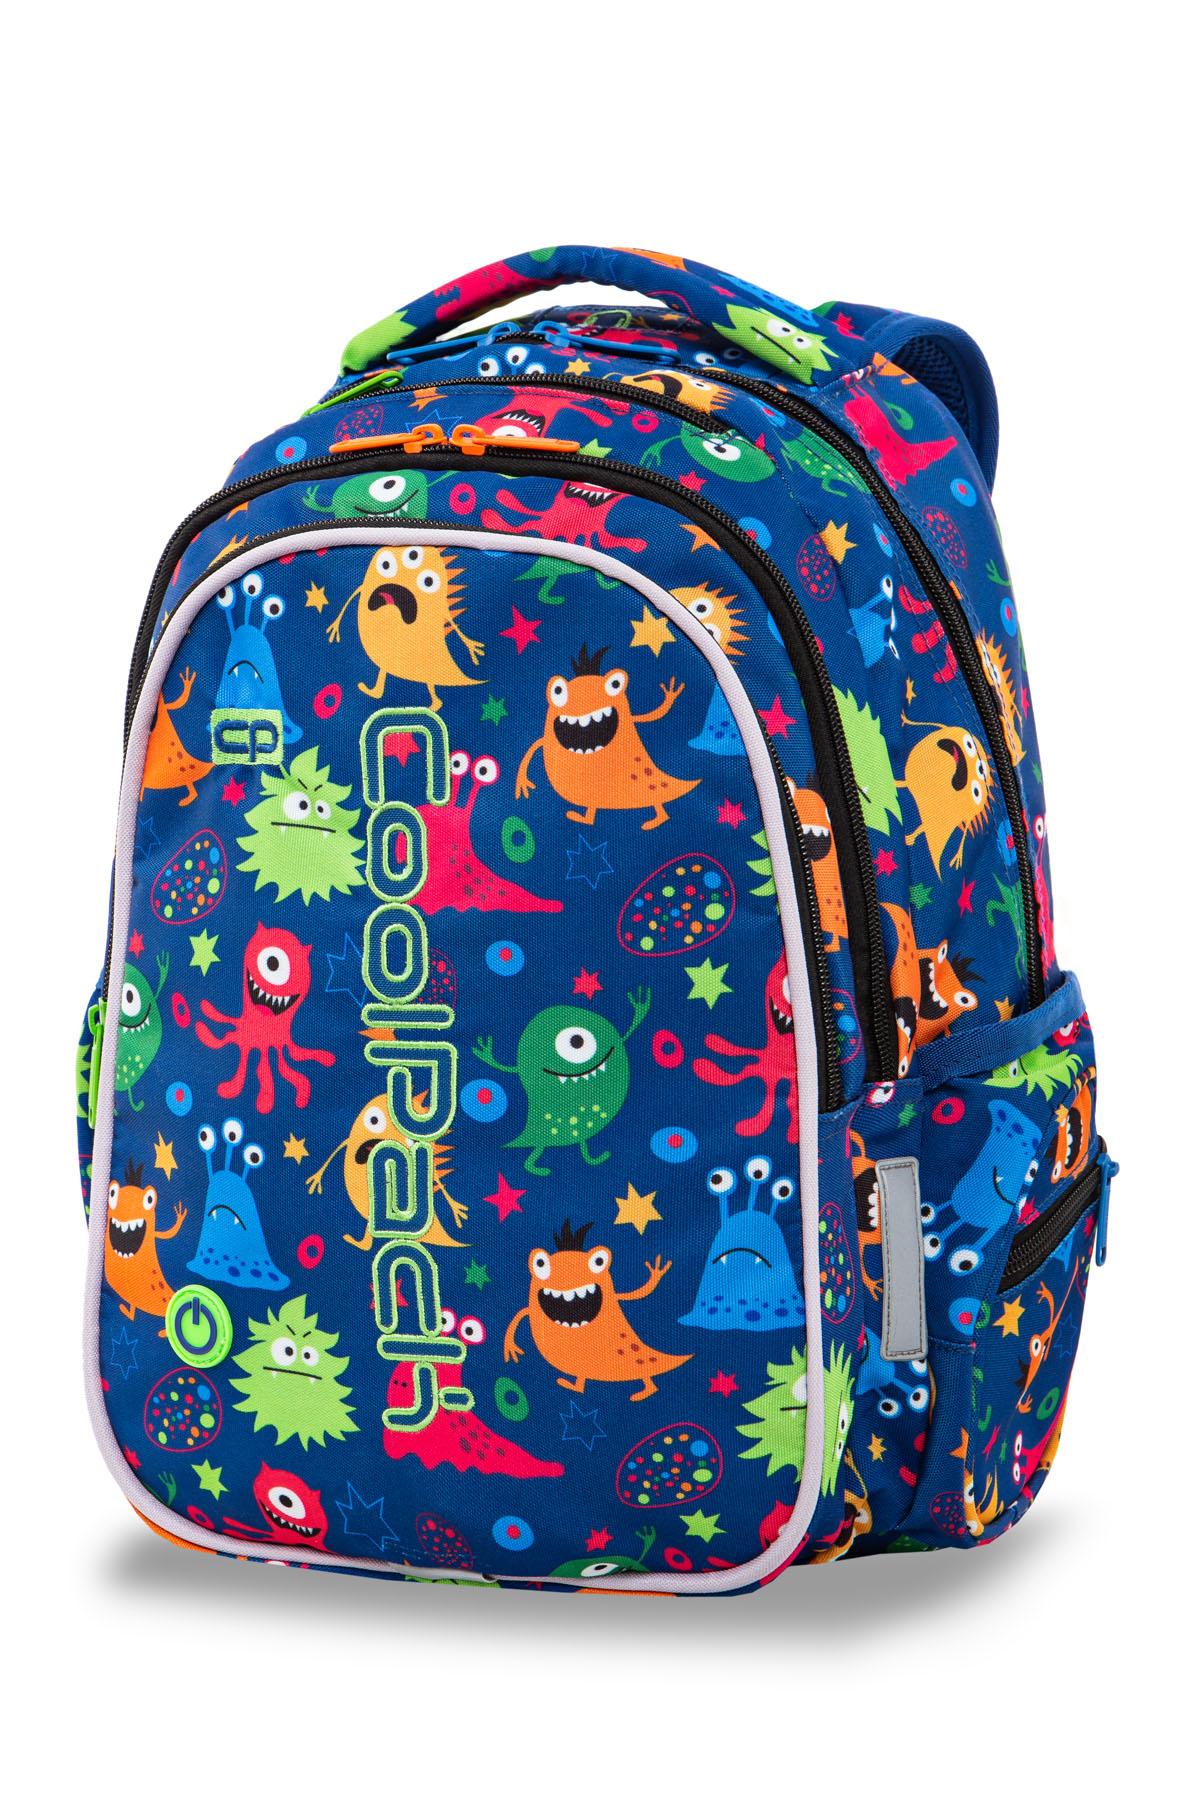 Coolpack   joy m  rygsæk   led funny monsters